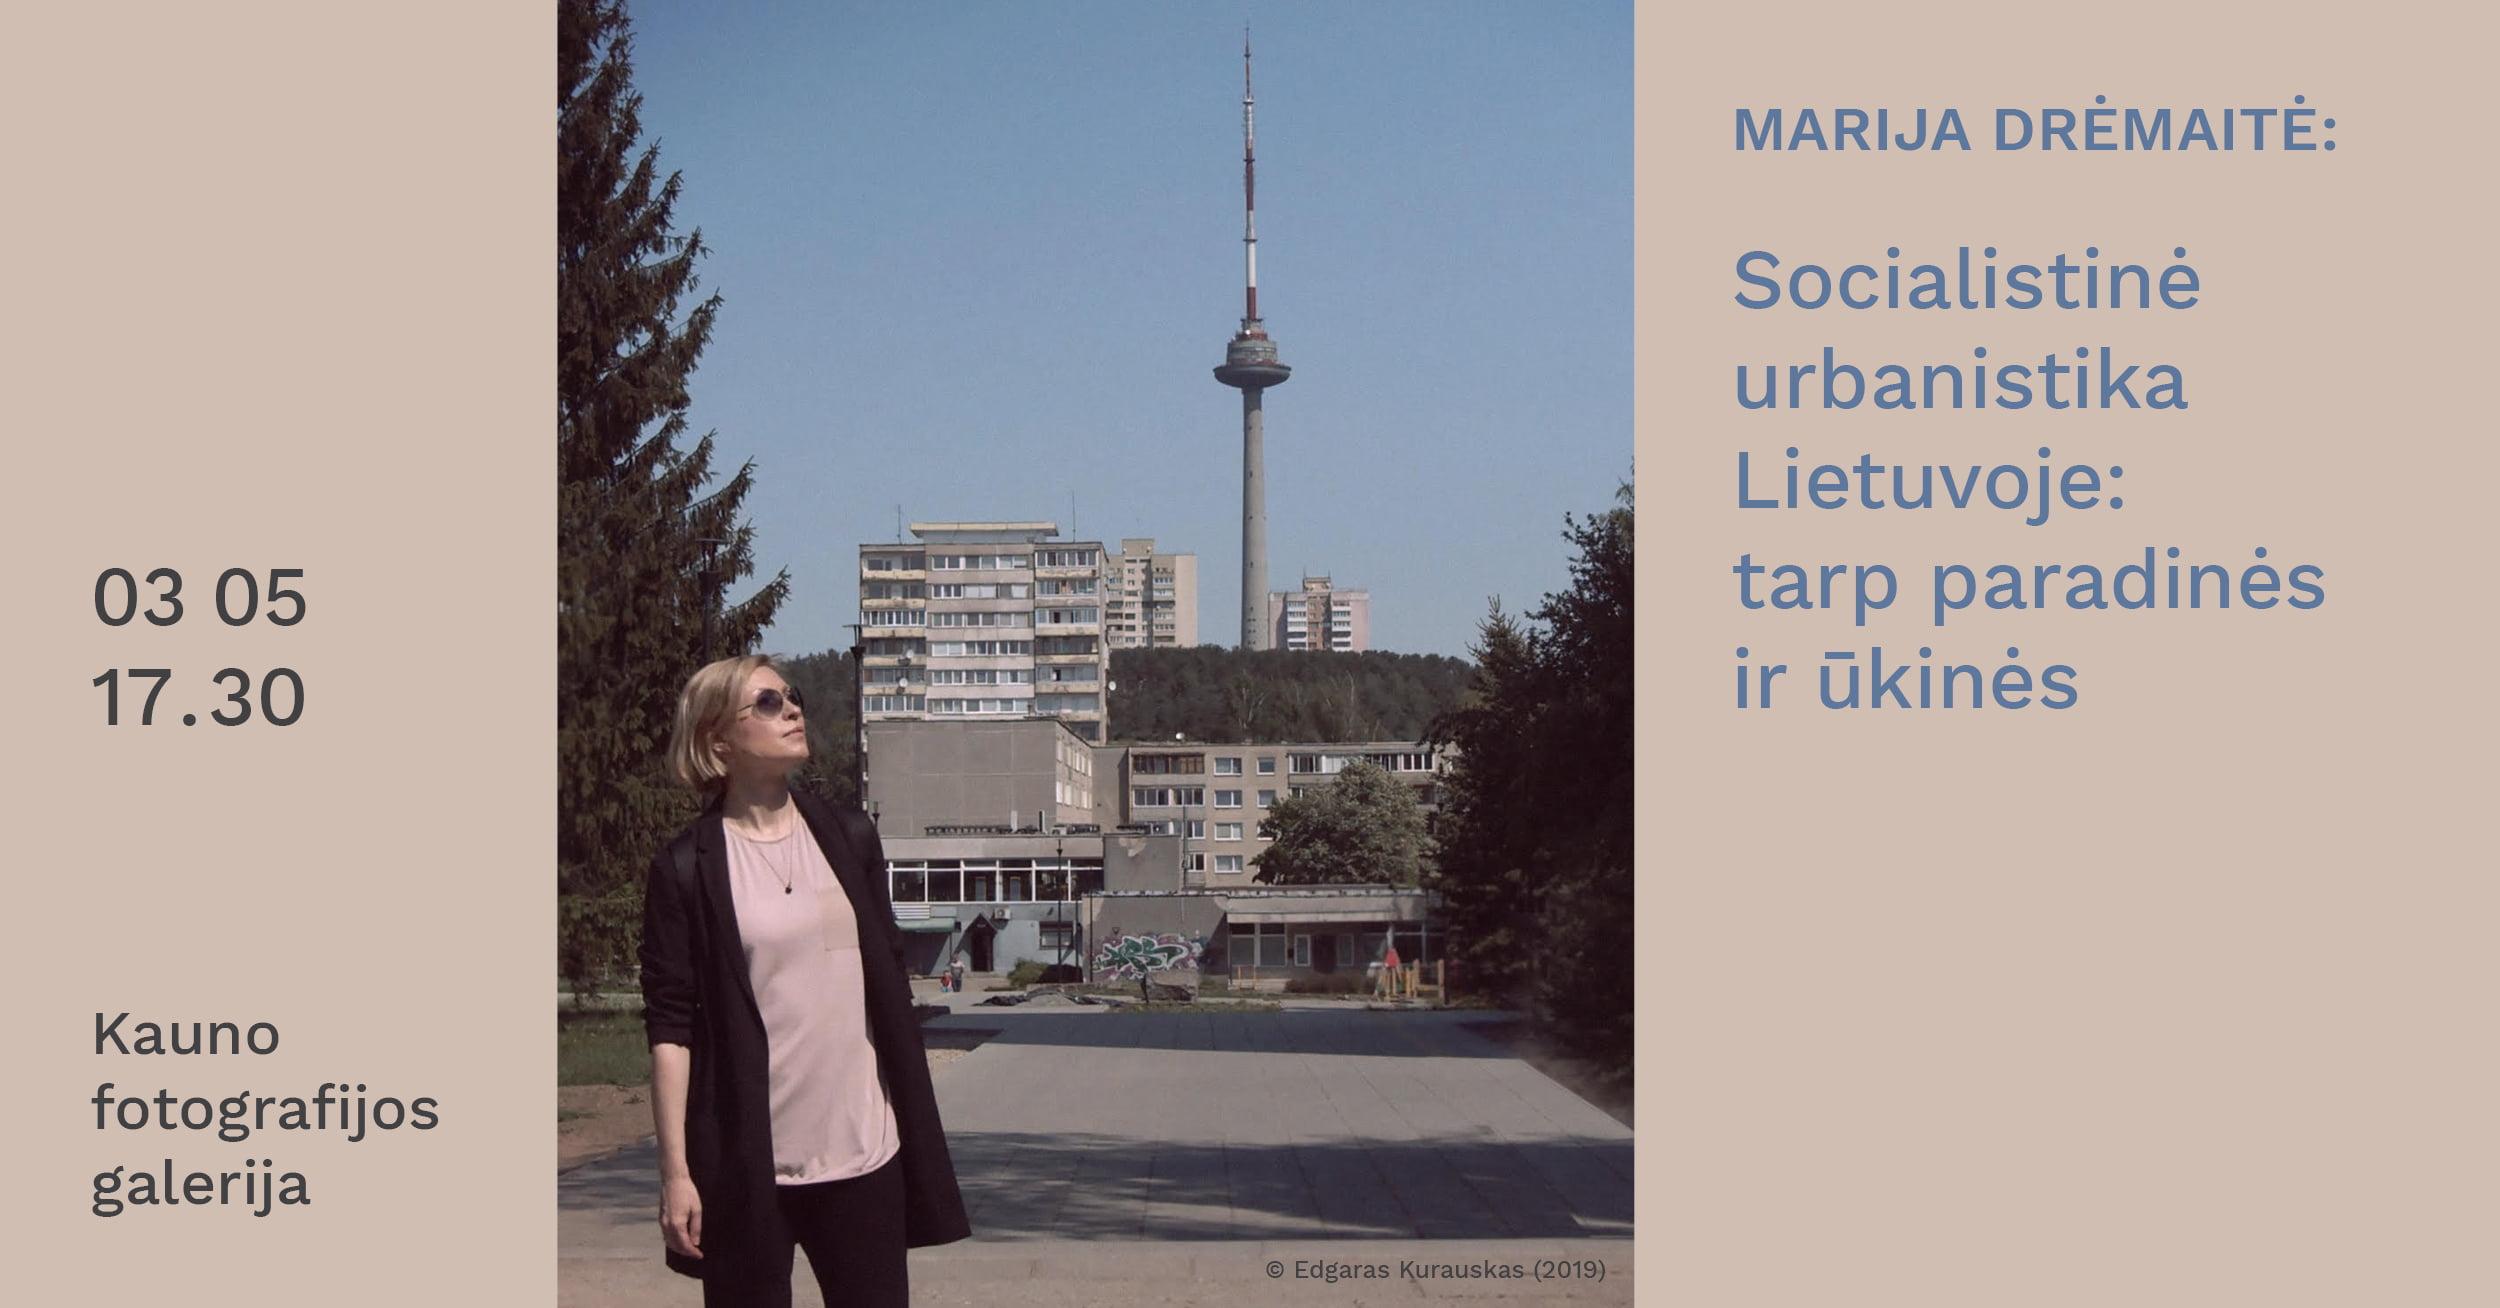 """M. Drėmaitės paskaita """"Socialistinė urbanistika Lietuvoje: tarp paradinės ir ūkinės"""""""